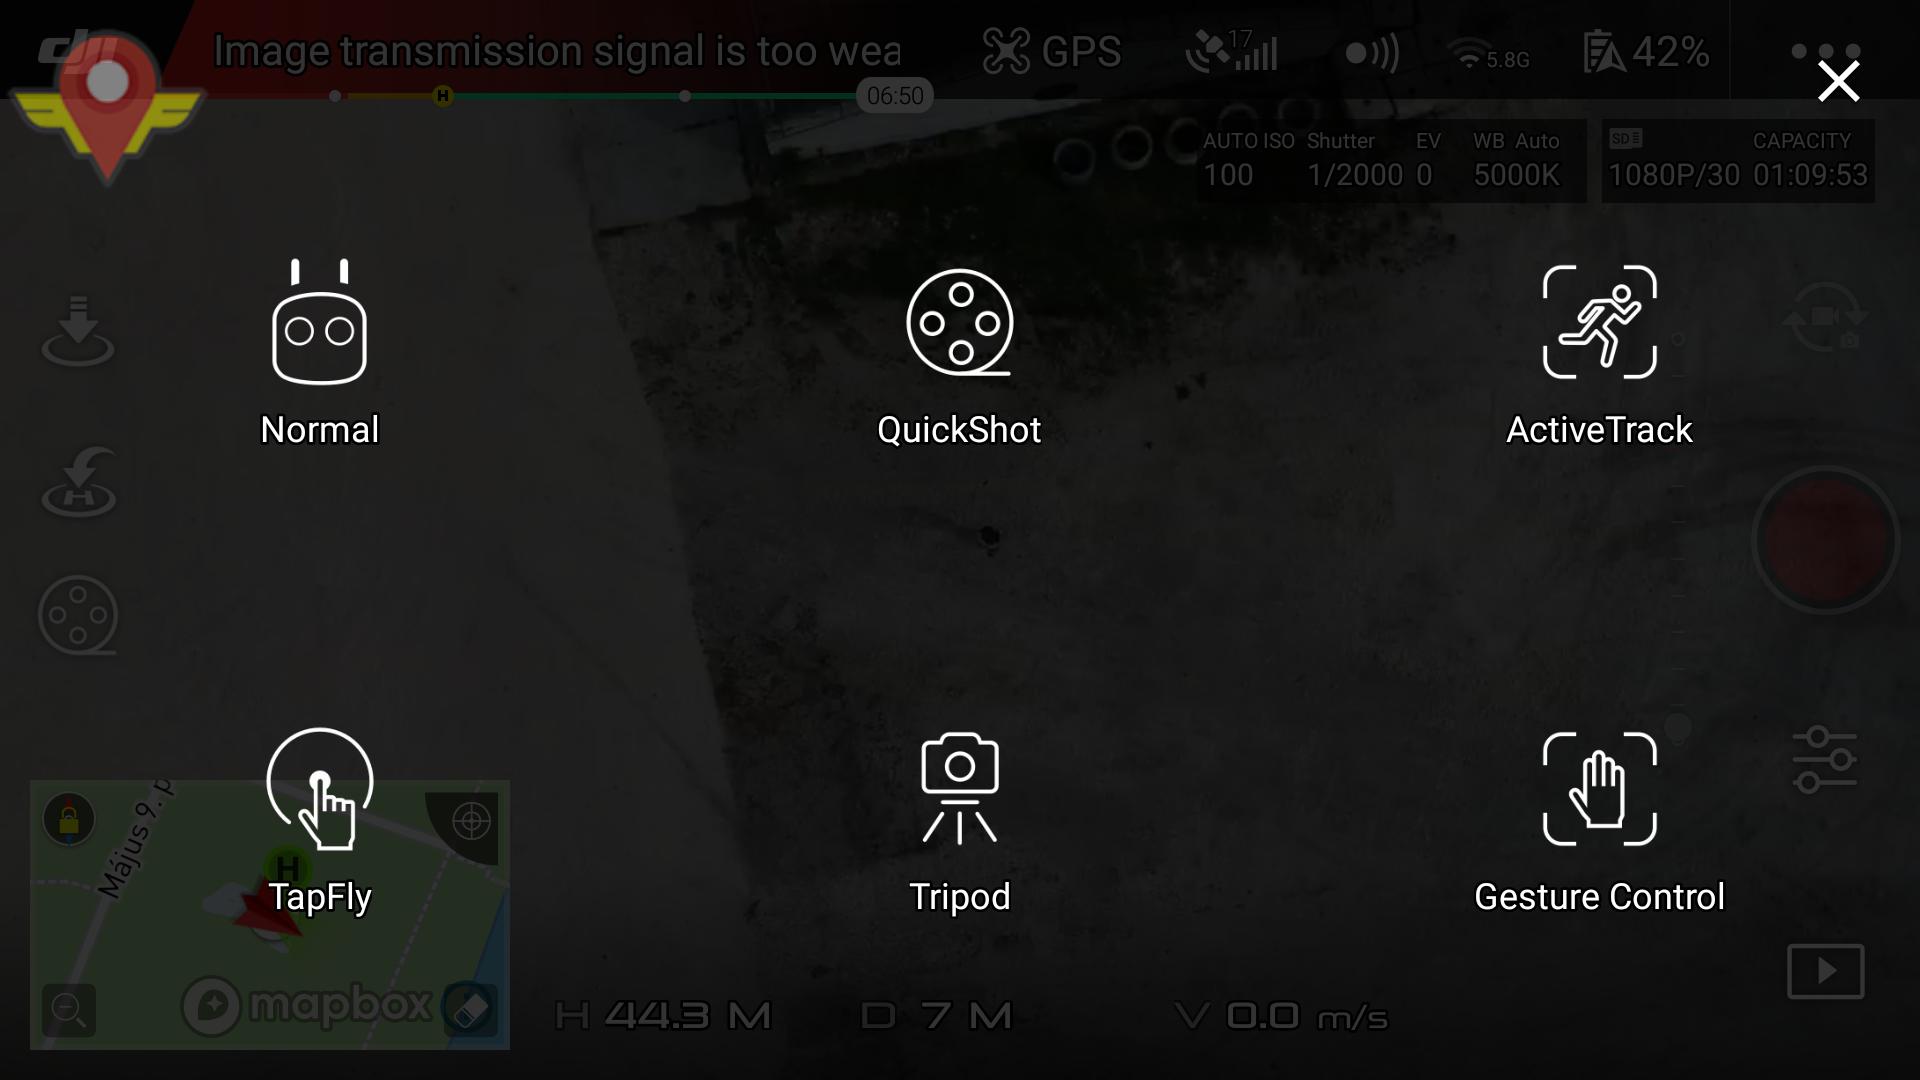 screenshot_2018-04-12-15-25-32-758_dji_go_v4.png